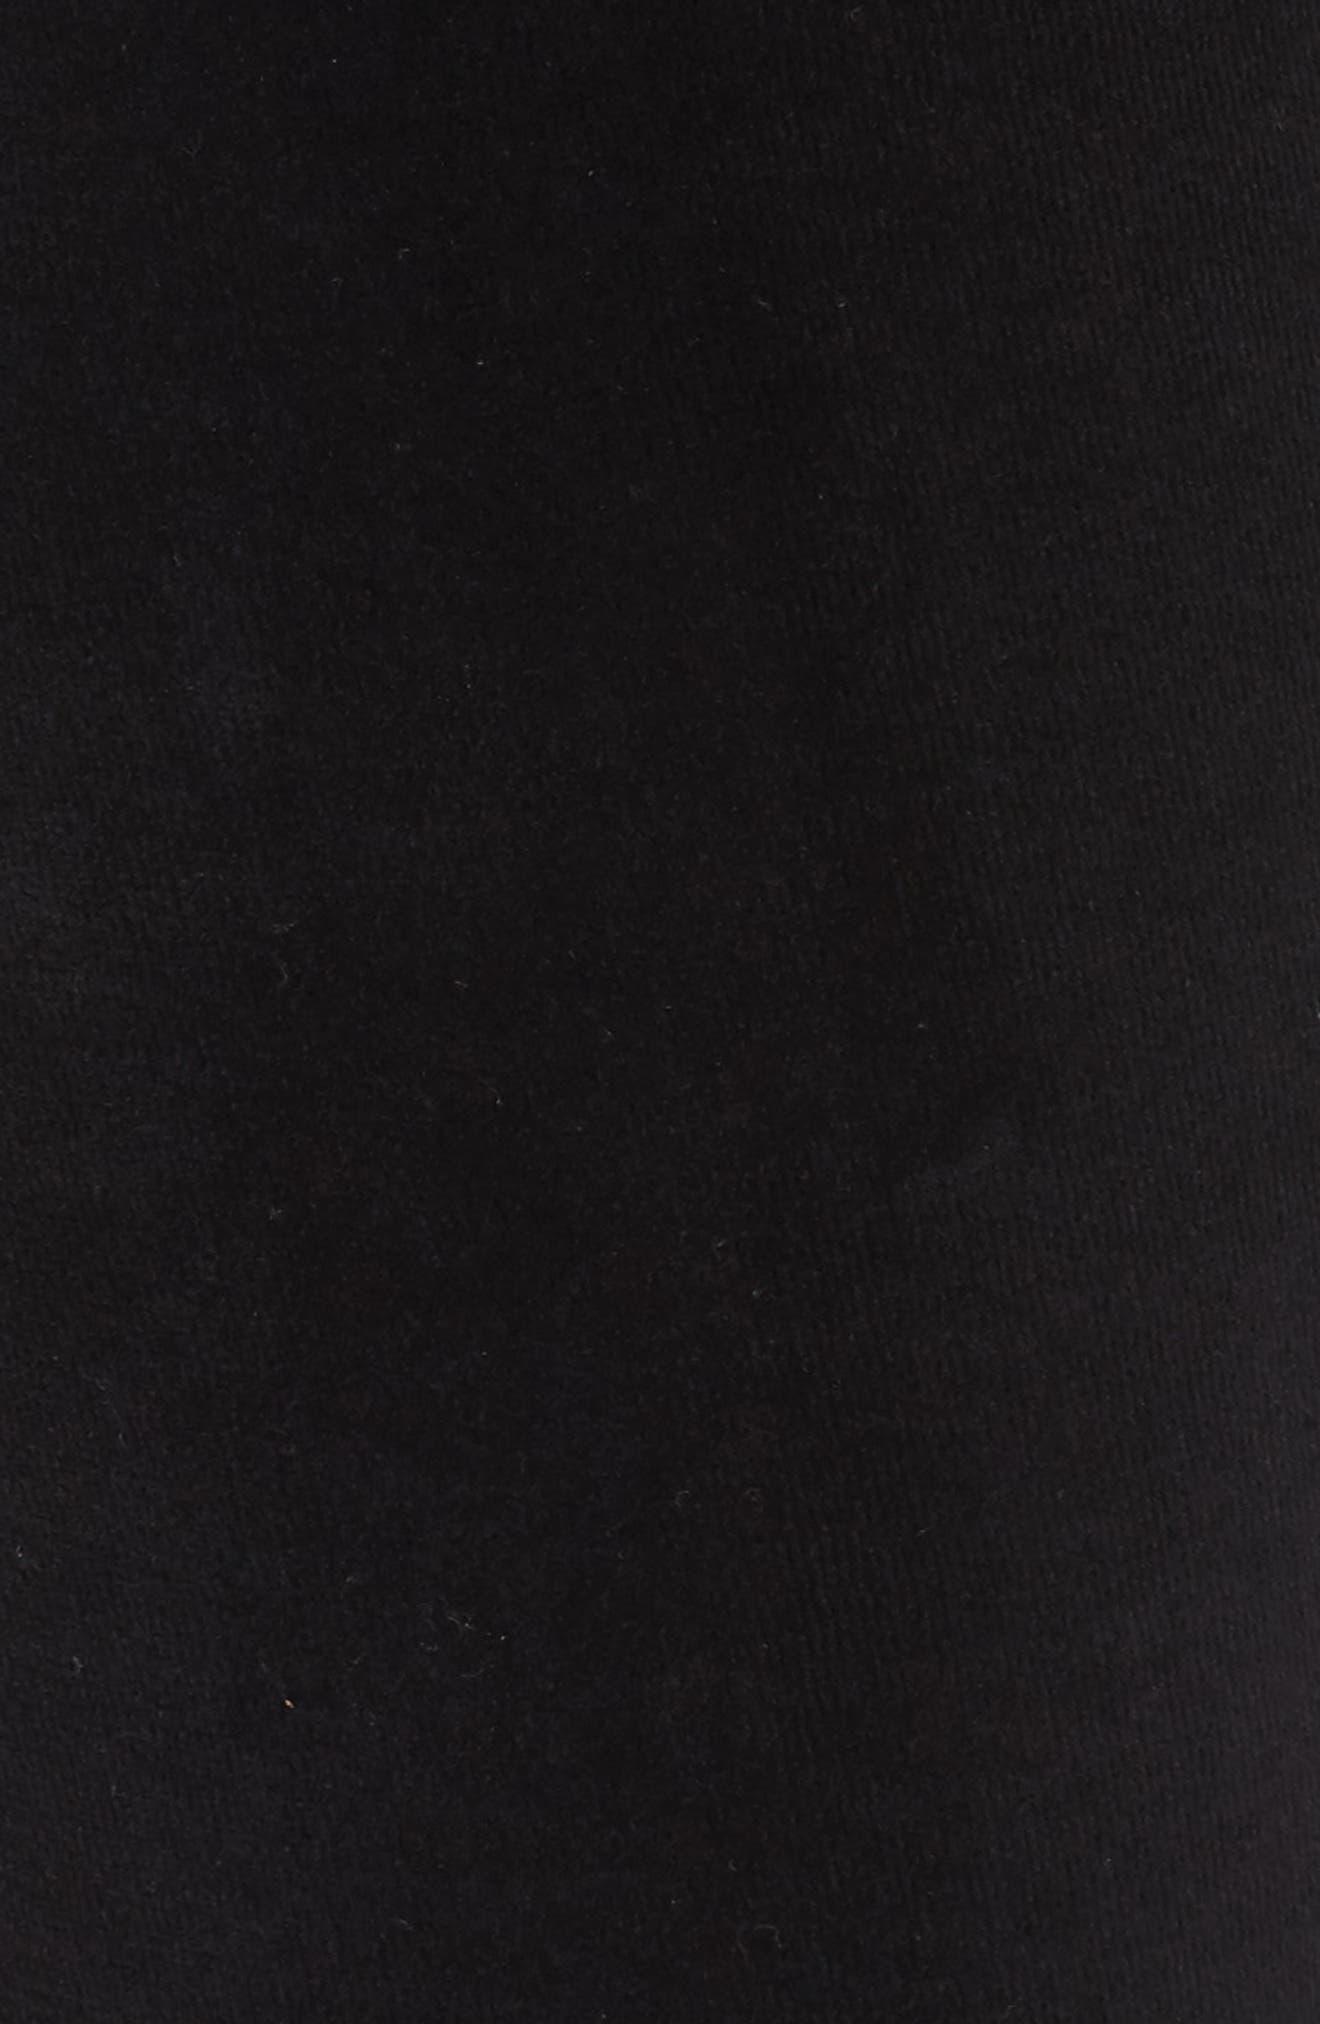 Crop Velour Lounge Pants,                             Alternate thumbnail 5, color,                             Black